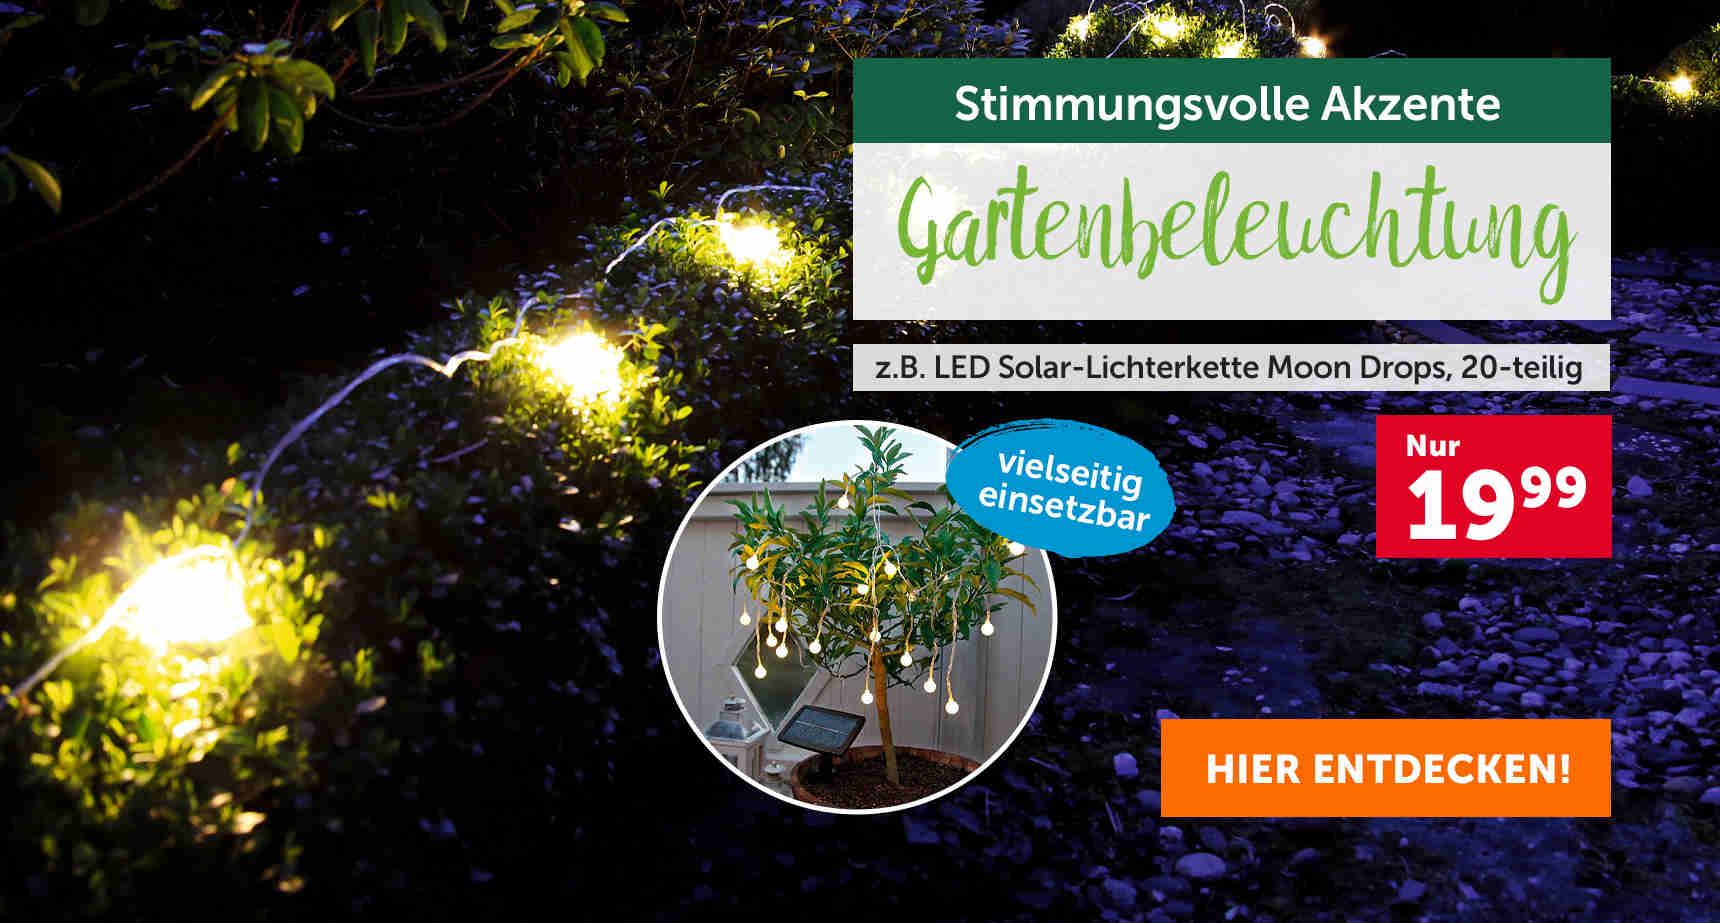 +++ (2) Gartenbeleuchtung +++ - 3